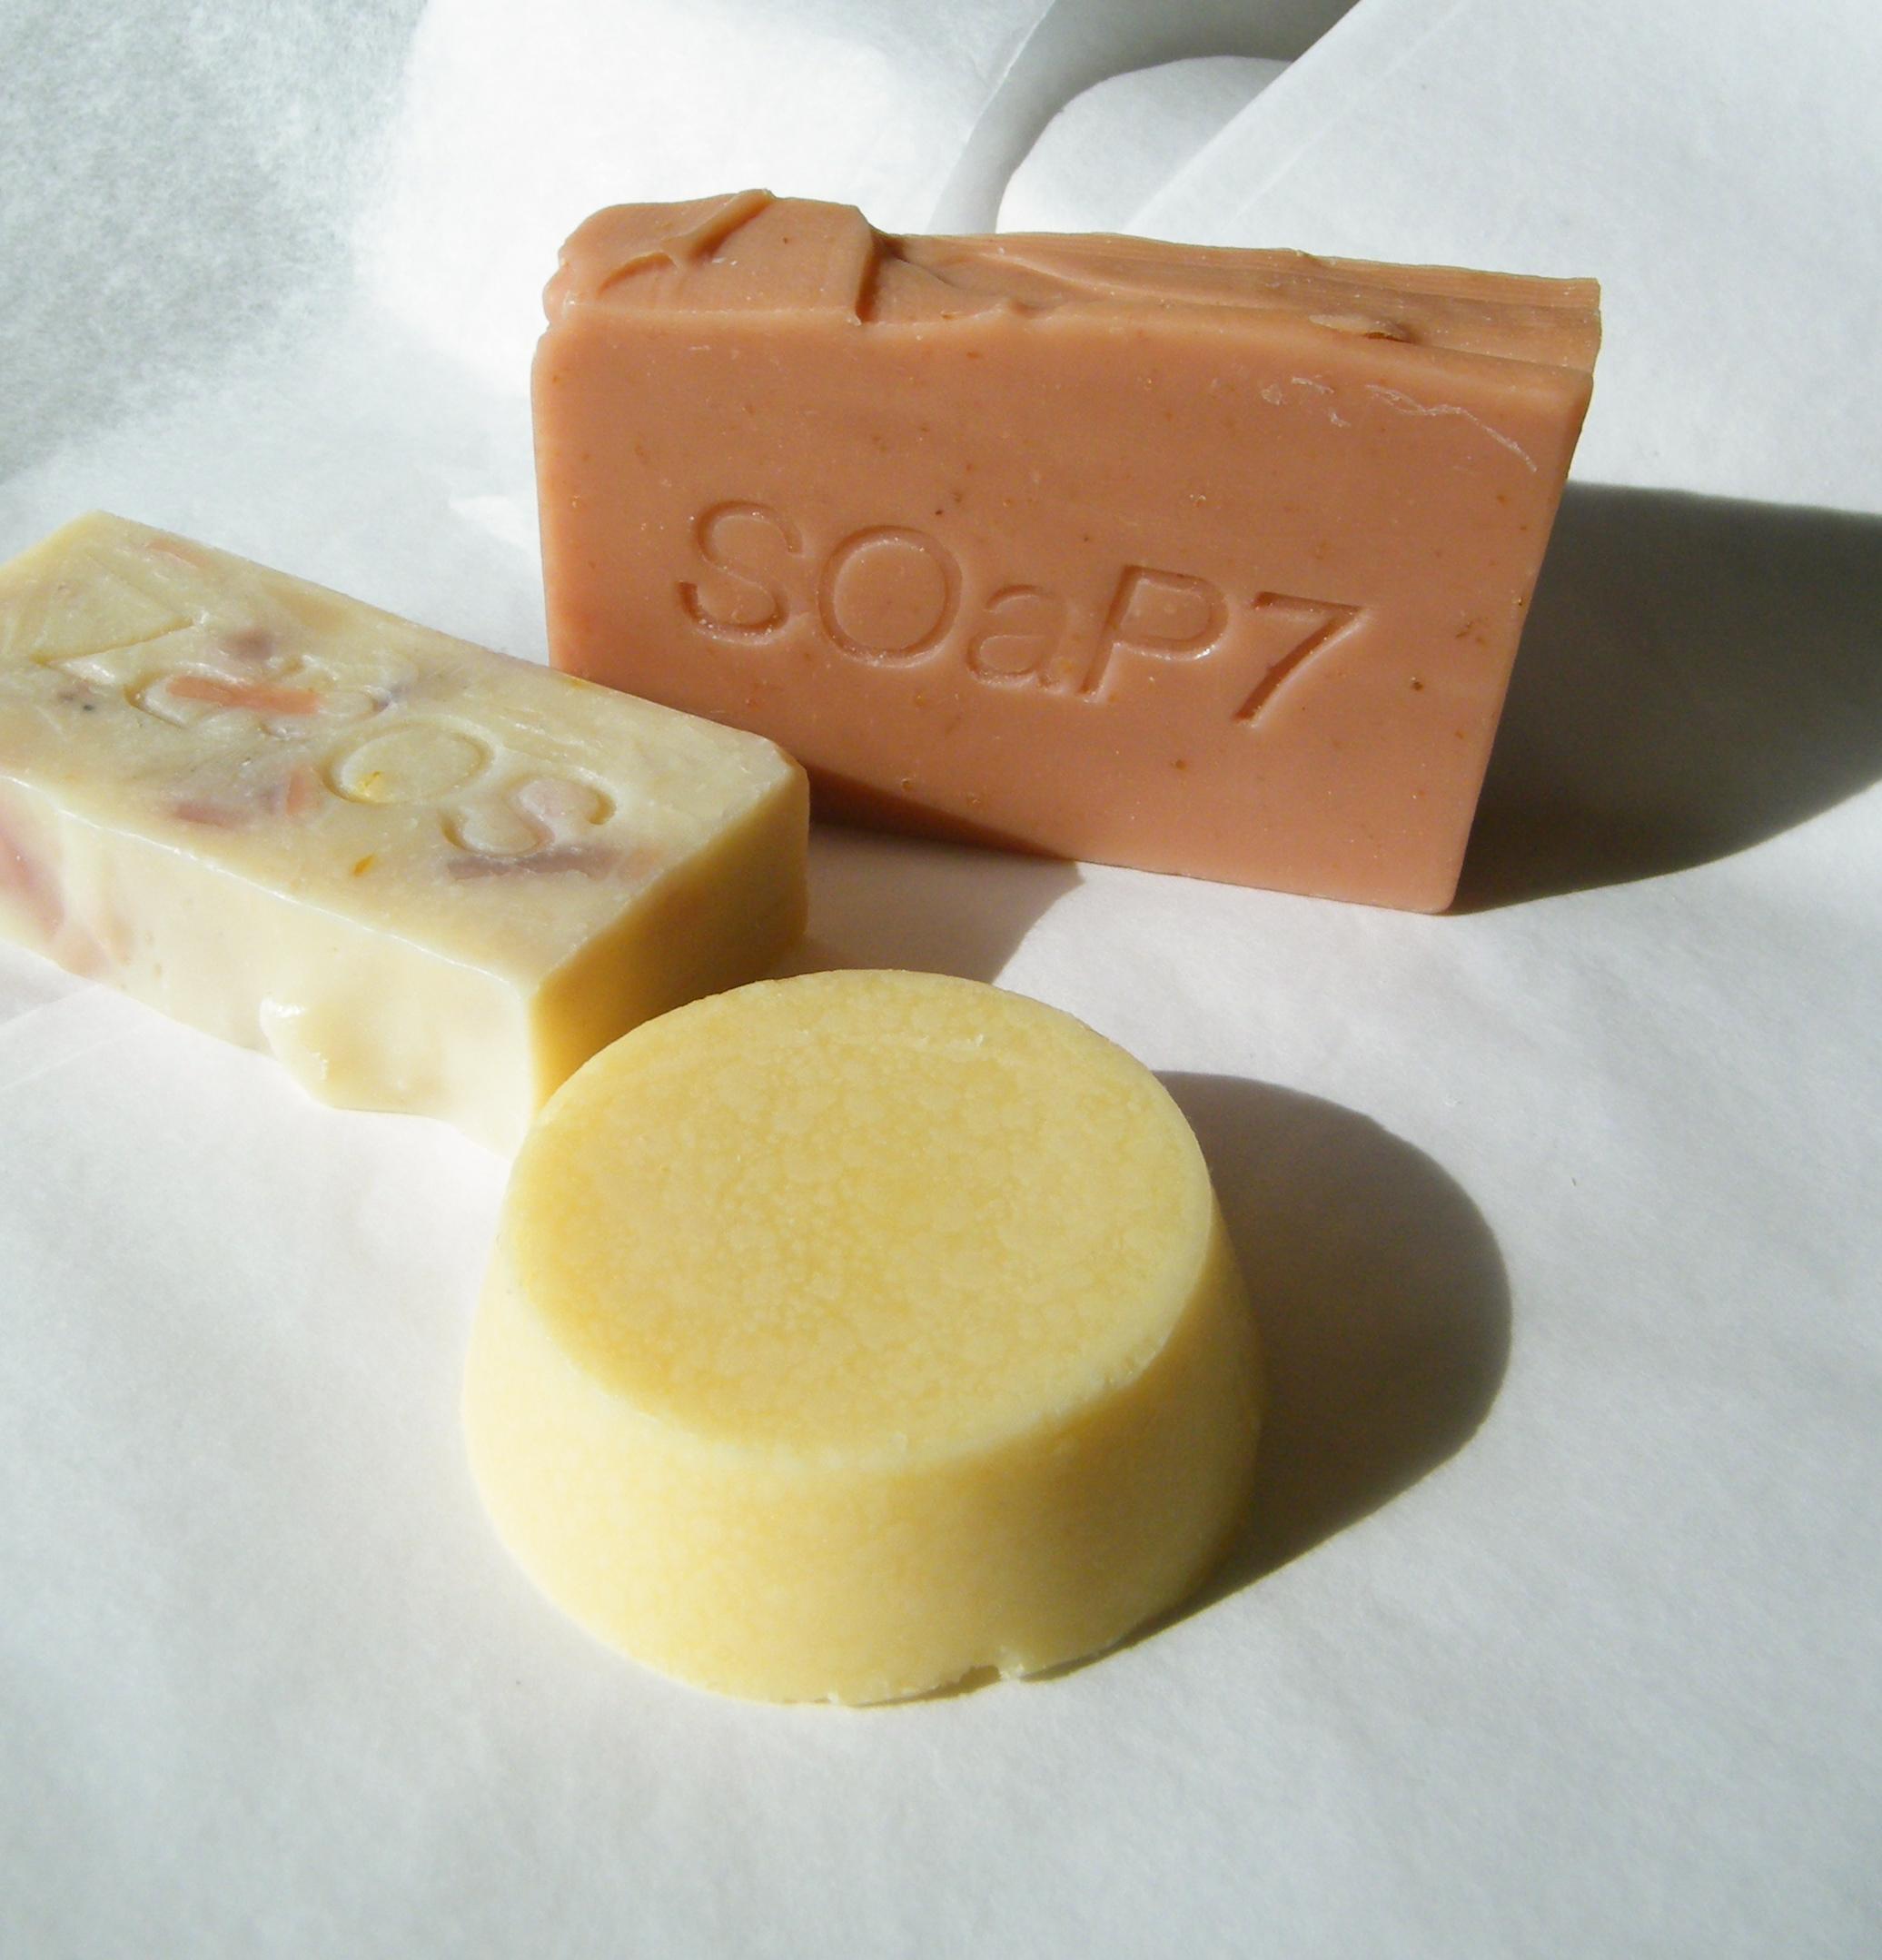 Koop je voor € 25 euro aan zeep? Dan een zijden washand cadeau!